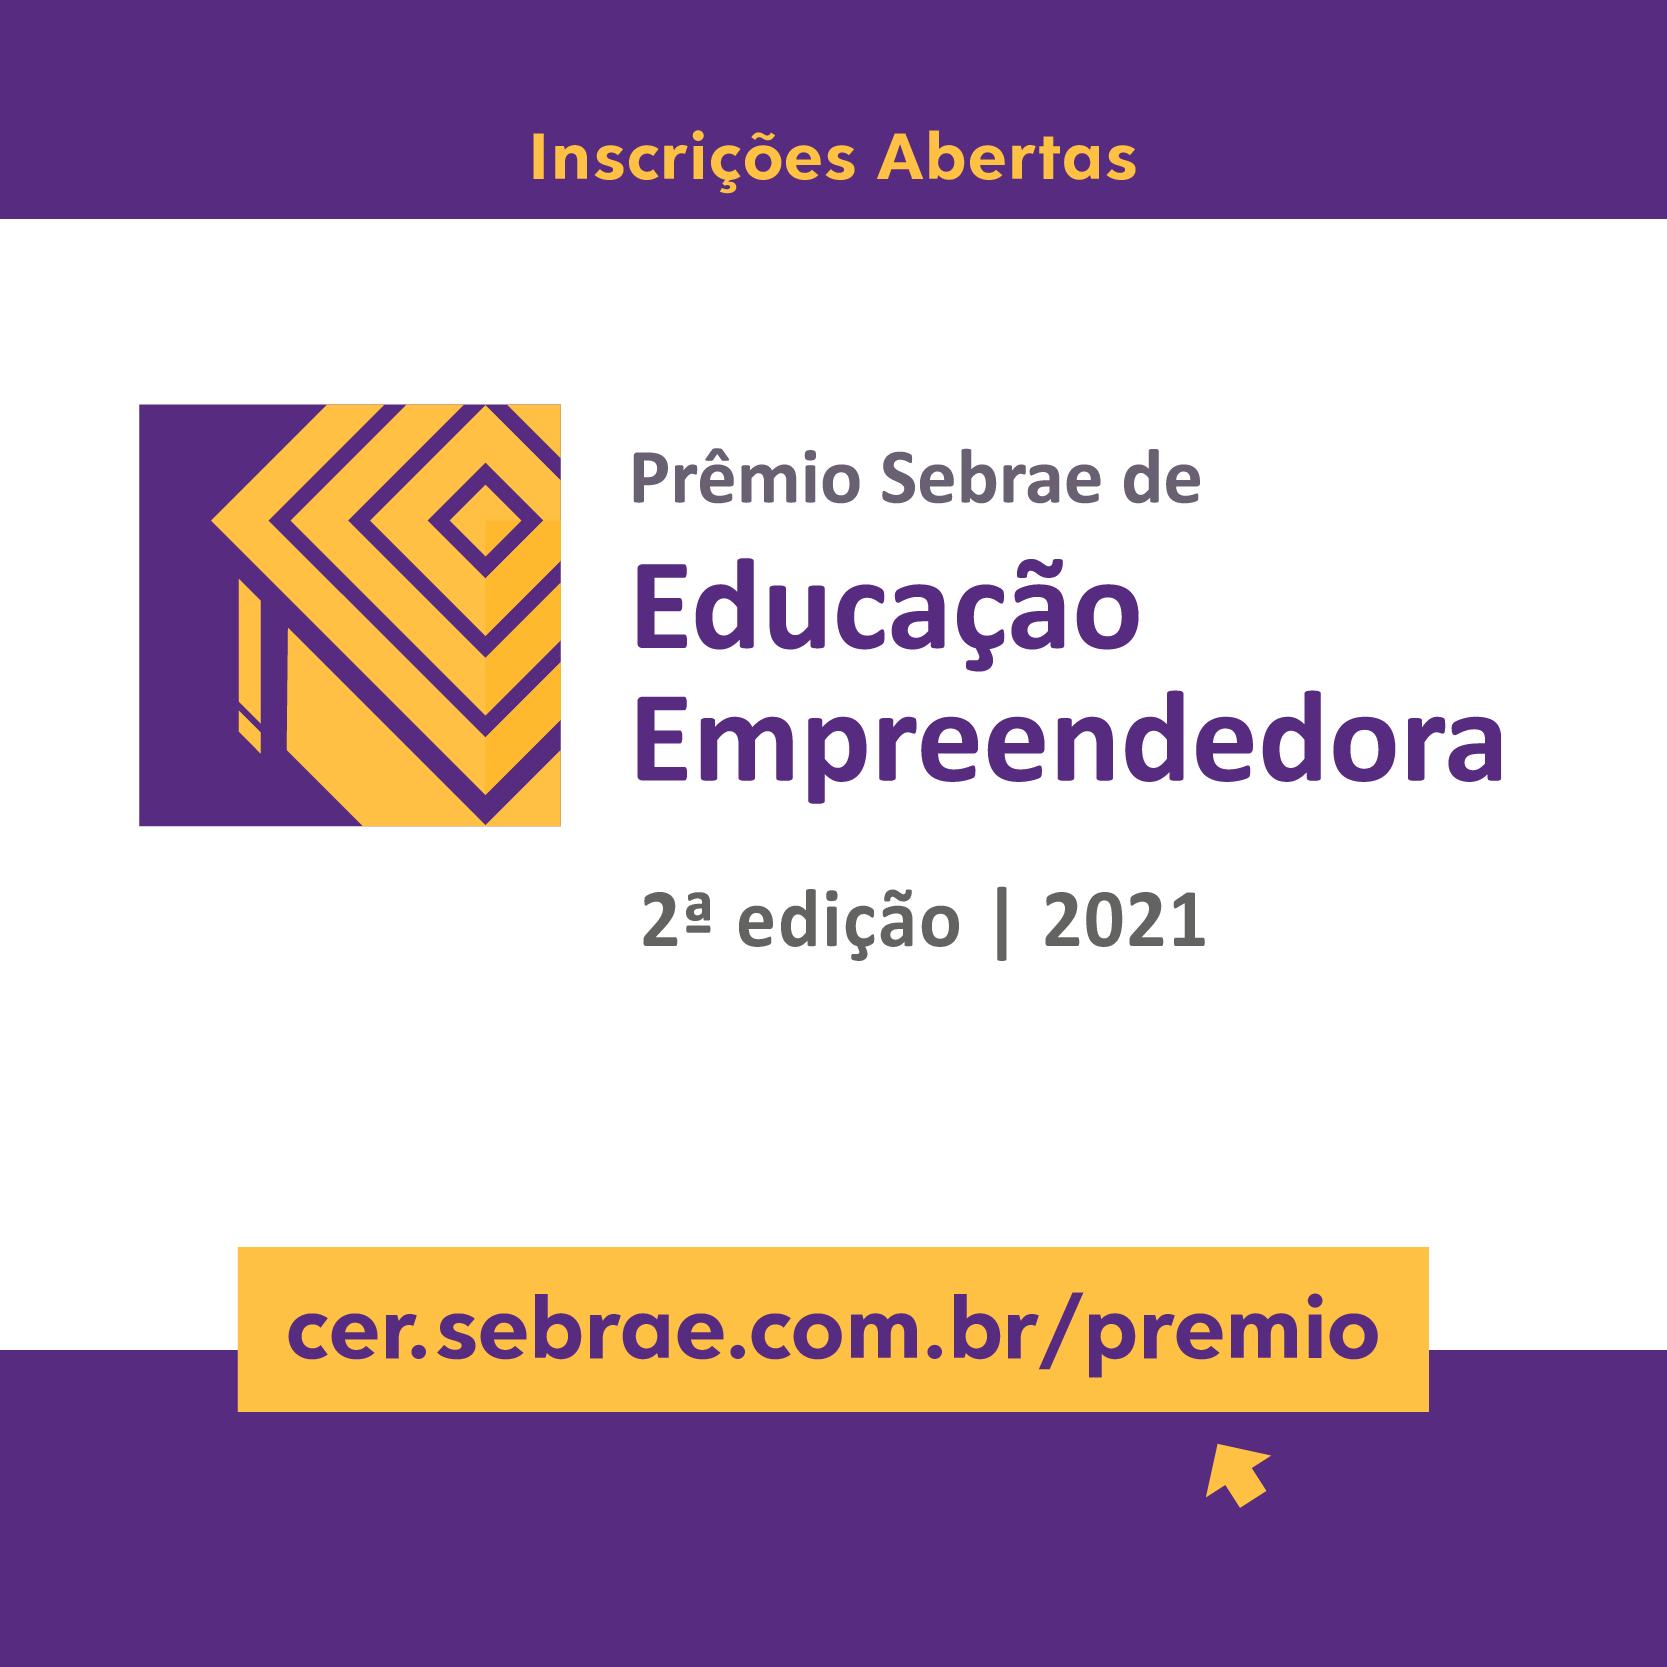 Sebrae lança segunda edição do Prêmio de Educação Empreendedora